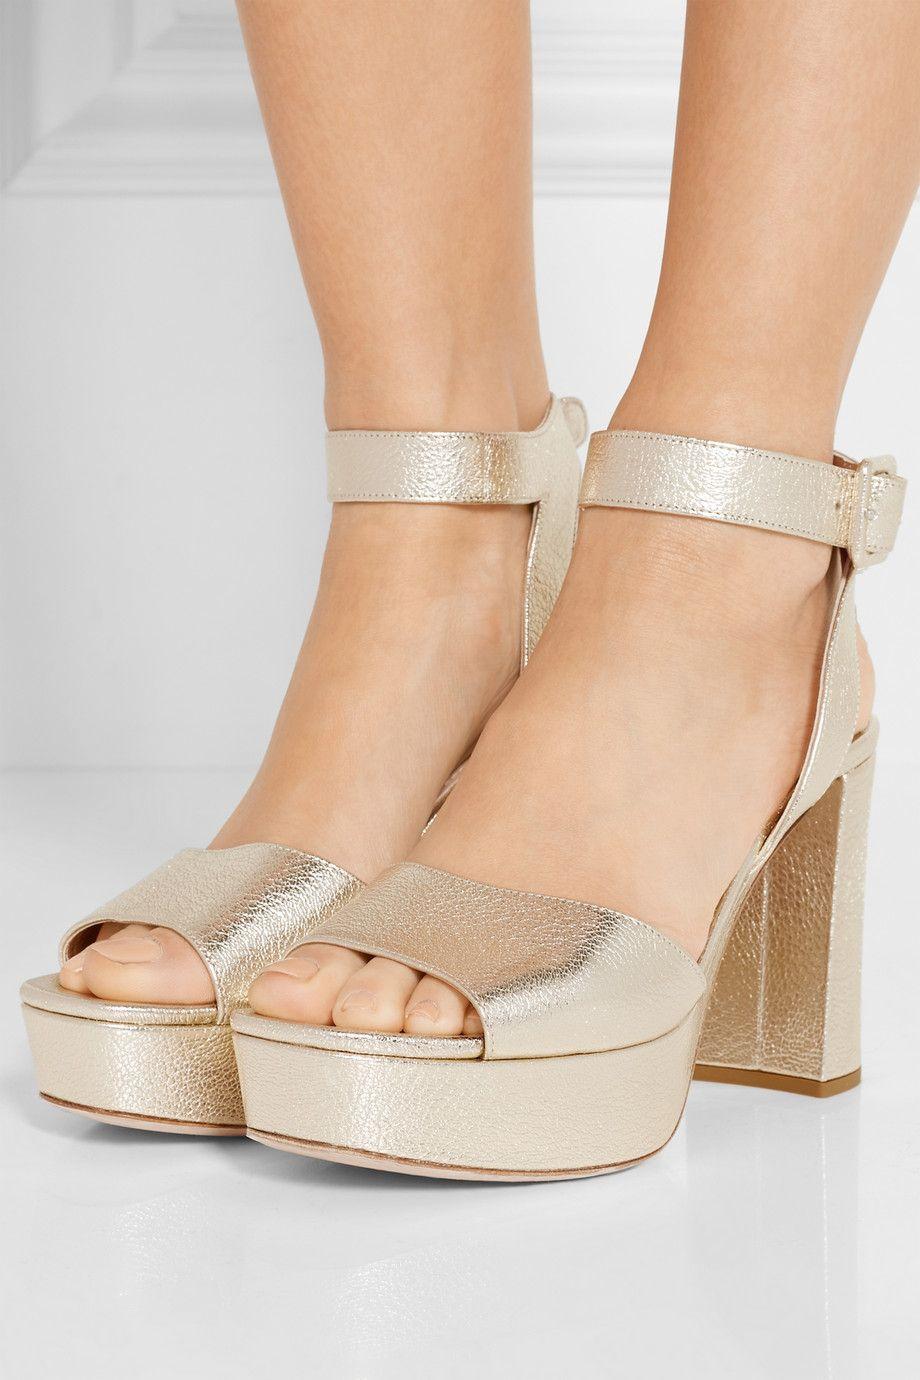 Miu Miu Textured Platform Sandals geniue stockist ad9vi